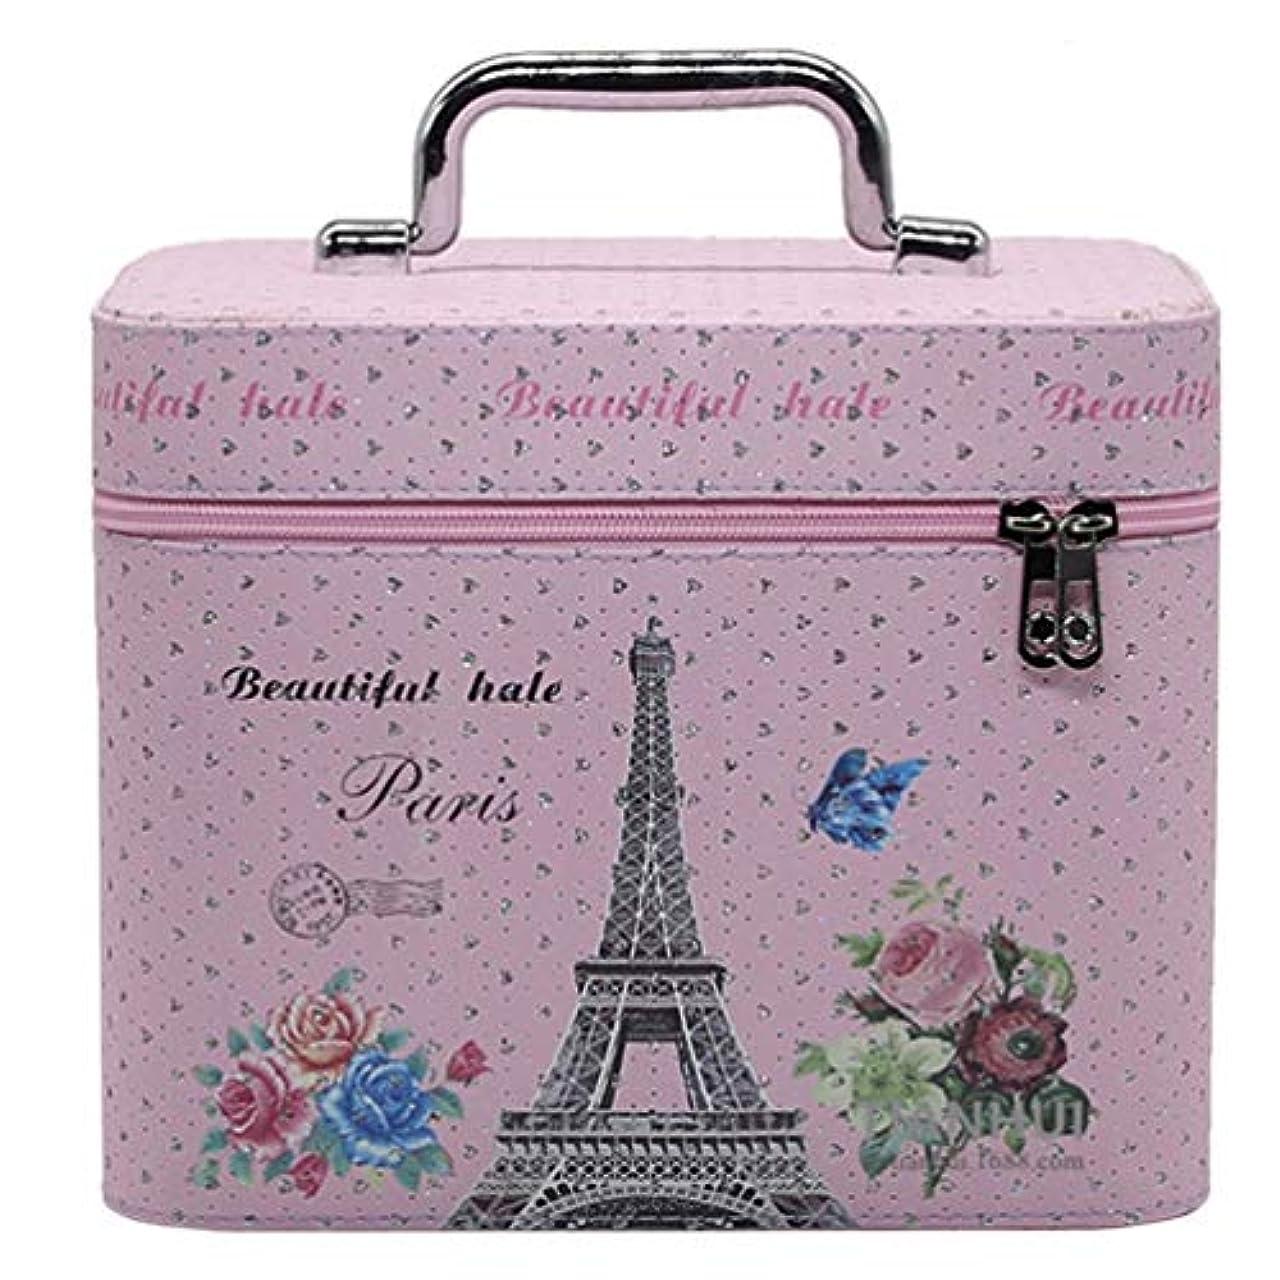 下るなすエレガントメイクボックス 可愛い コスメボックス 化粧品箱 収納ボックス 鏡付き ダブルジッパー スムース 防水 手提げ おしゃれ 花柄 ピンク ガールズ プレゼント